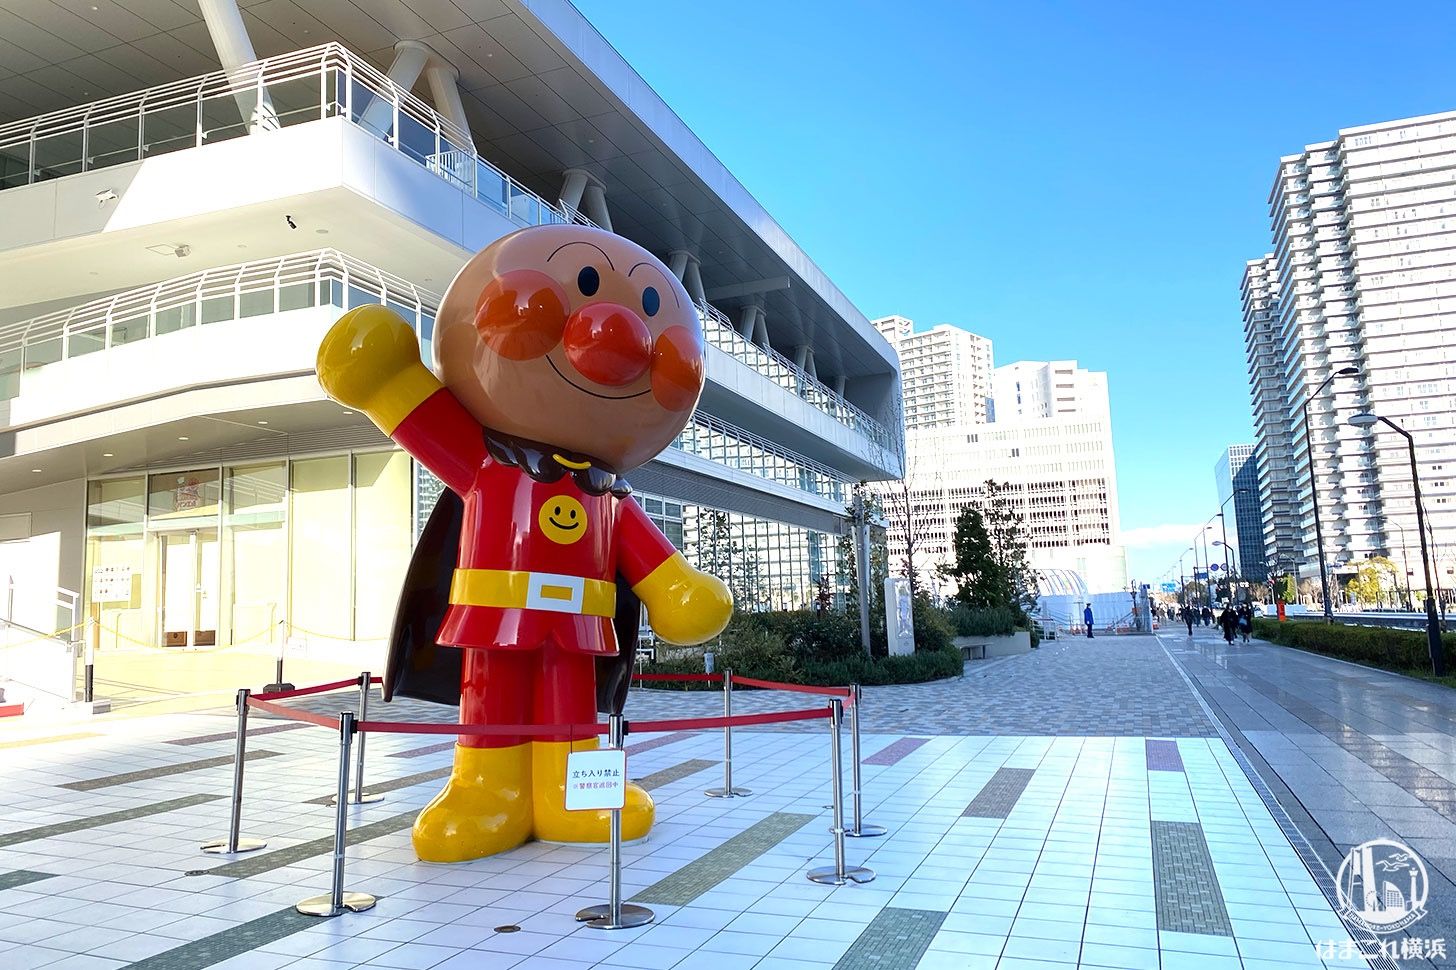 横浜アンパンマンこどもミュージアム、6月22日より営業再開